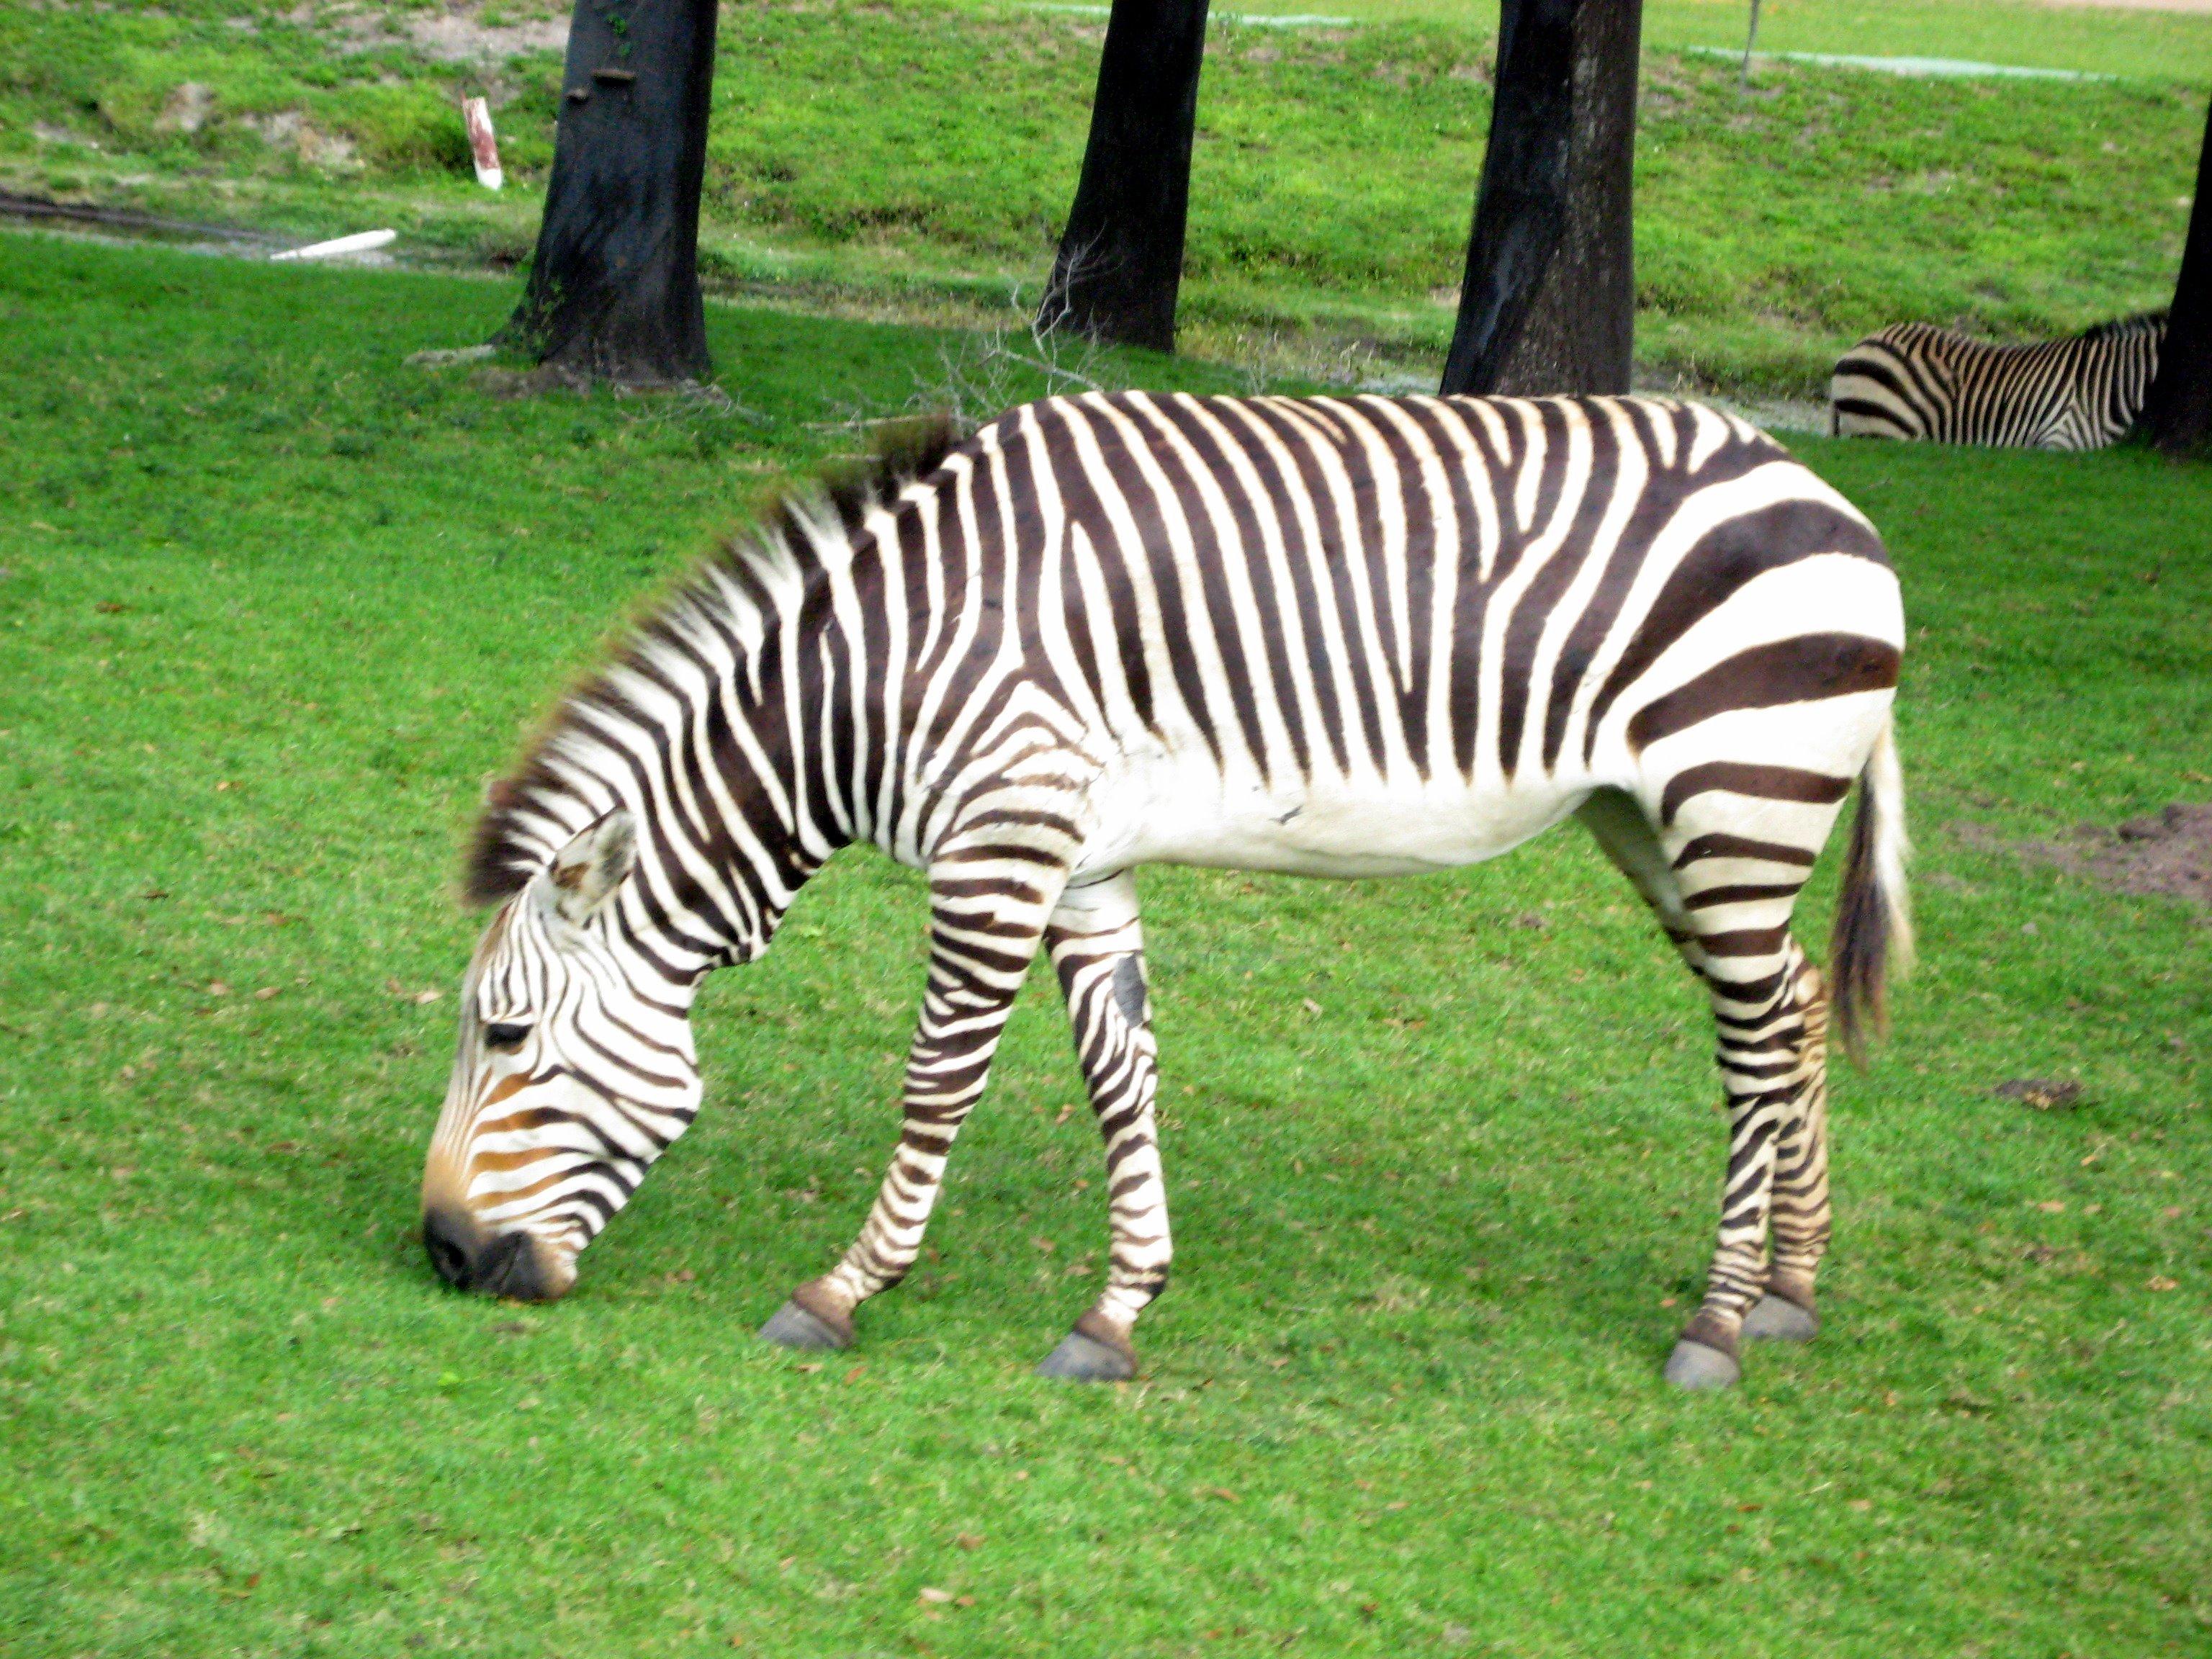 Zebra Eating Grass.